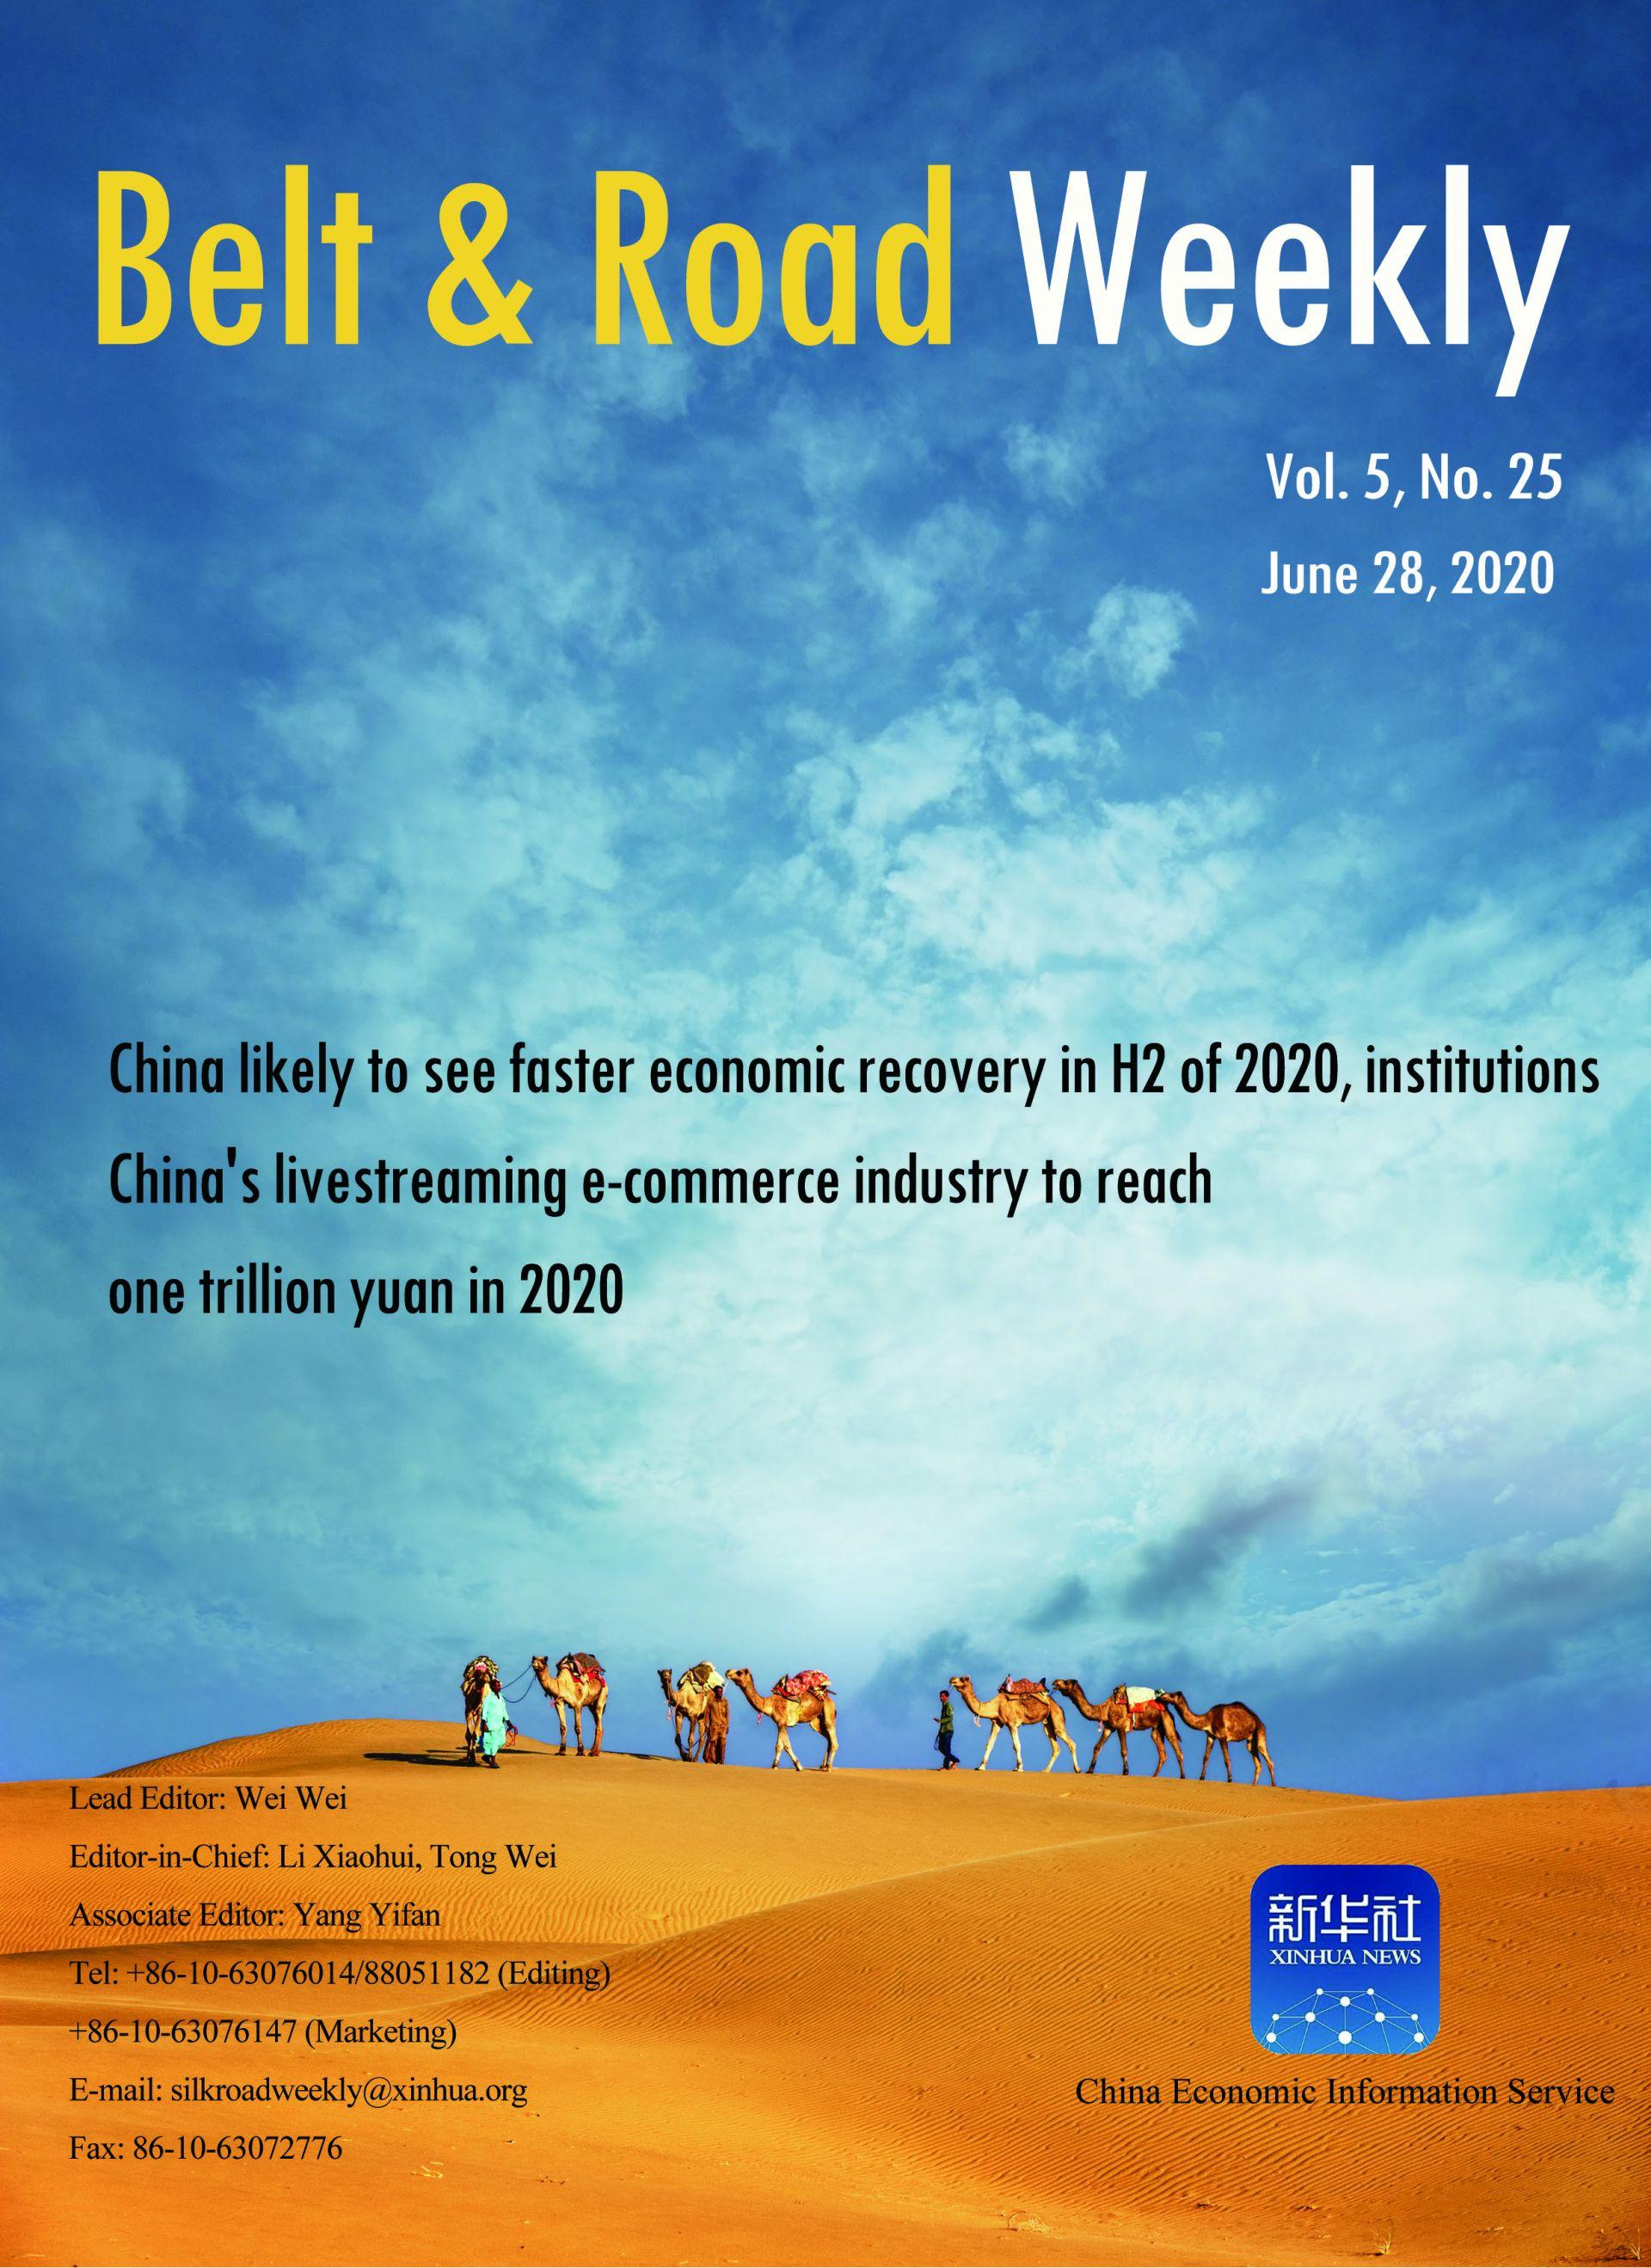 Belt & Road Weekly Vol.5 No.25